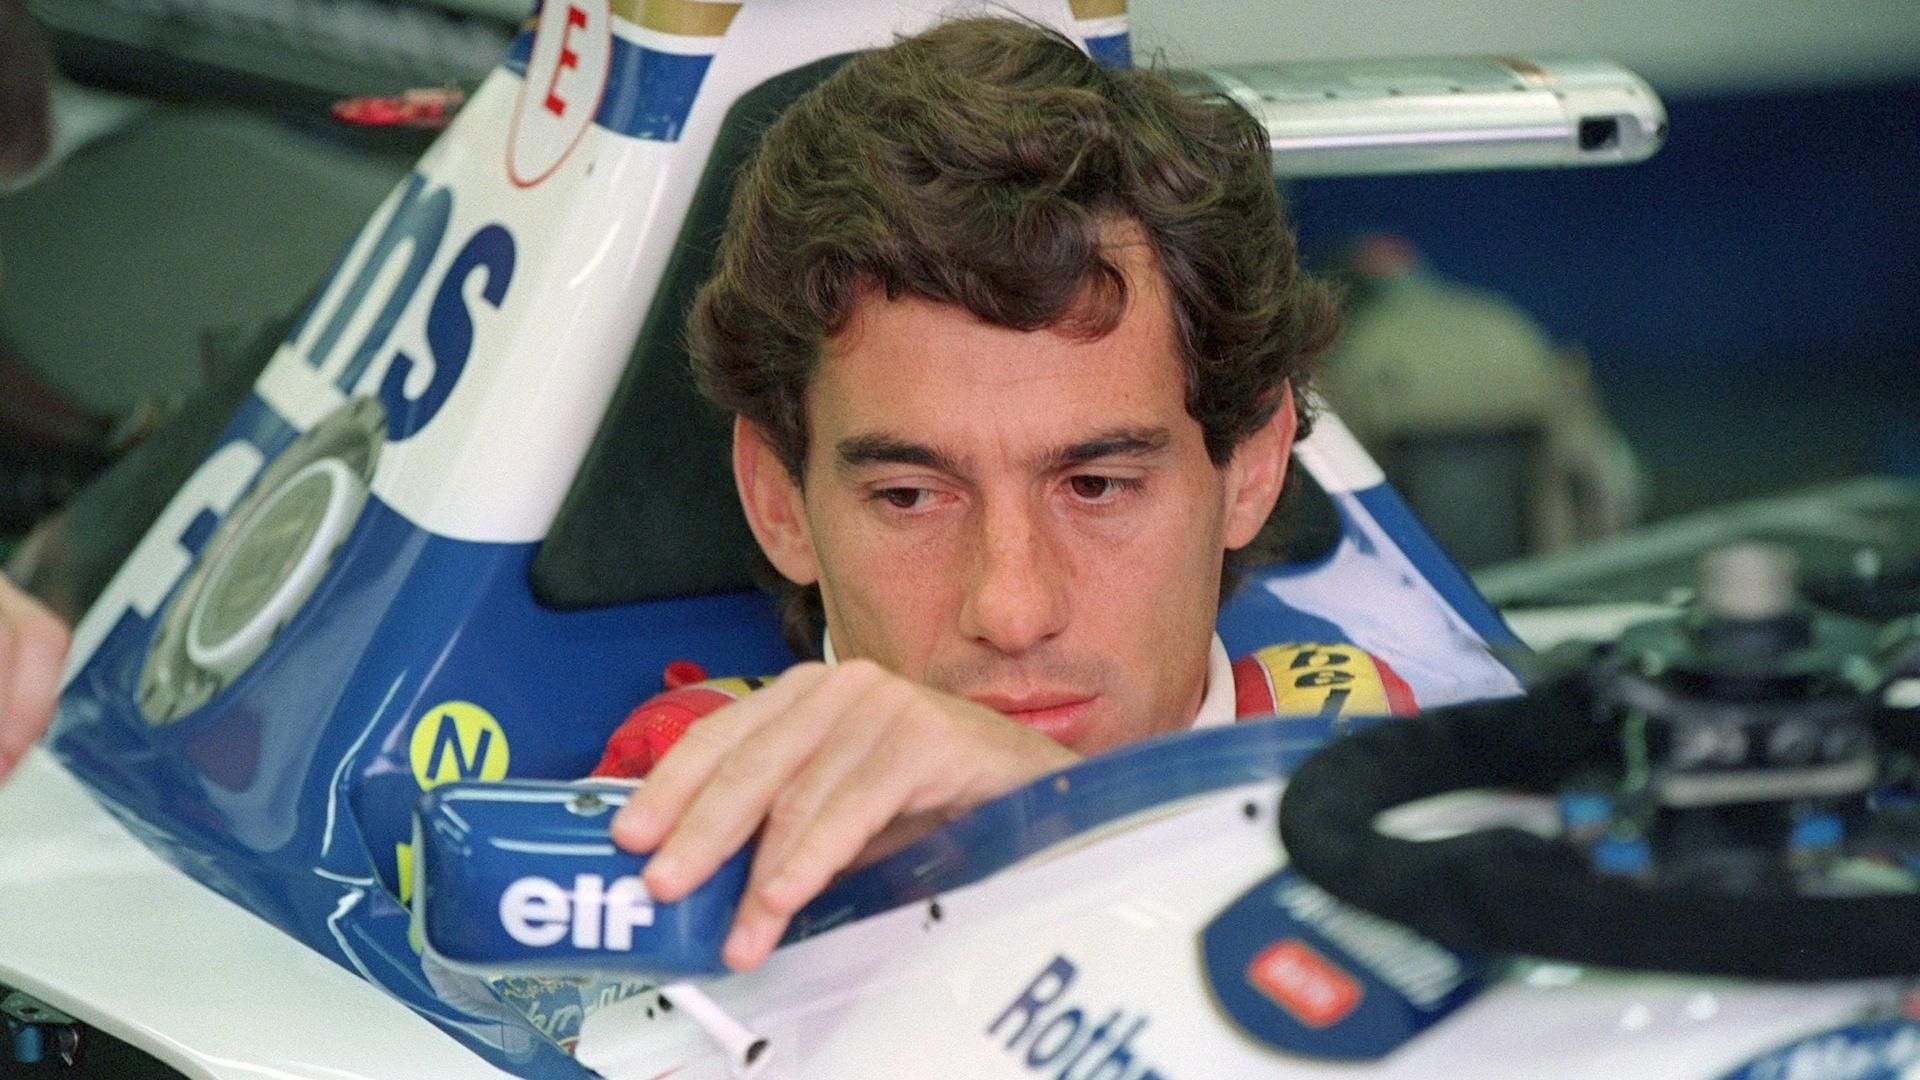 Ayrton Senna é fotografado antes do GP de Ímola, no qual ele morreu ao sofrer um acidente (01/05/1994)